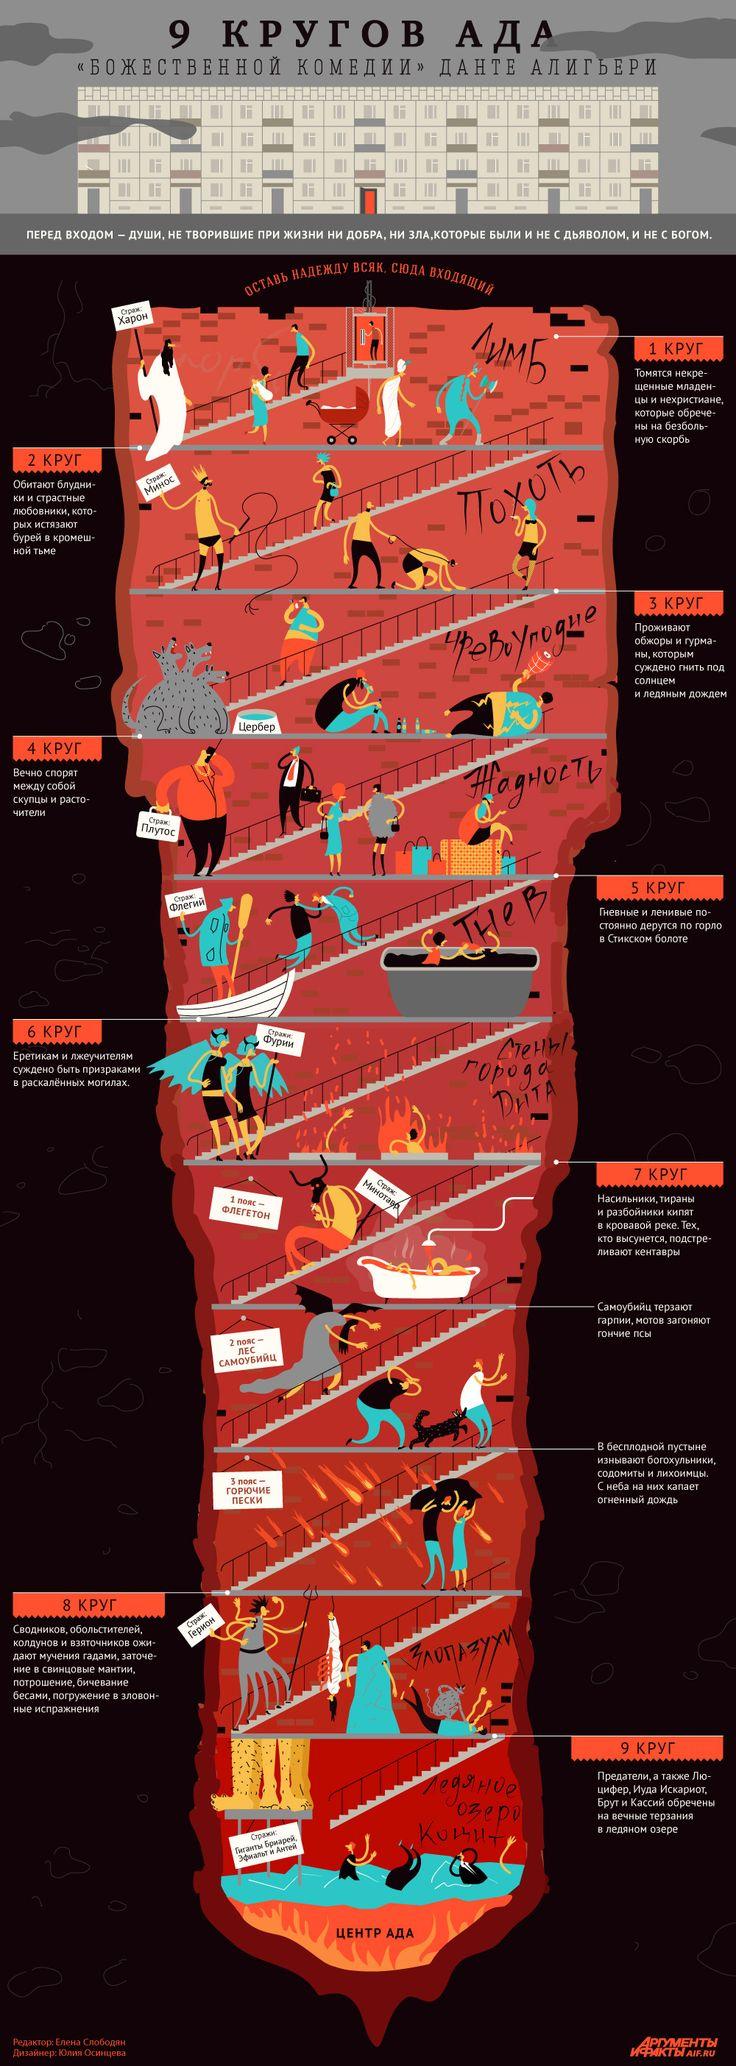 9 кругов ада по Данте. Инфографика | Инфографика | Аргументы и Факты